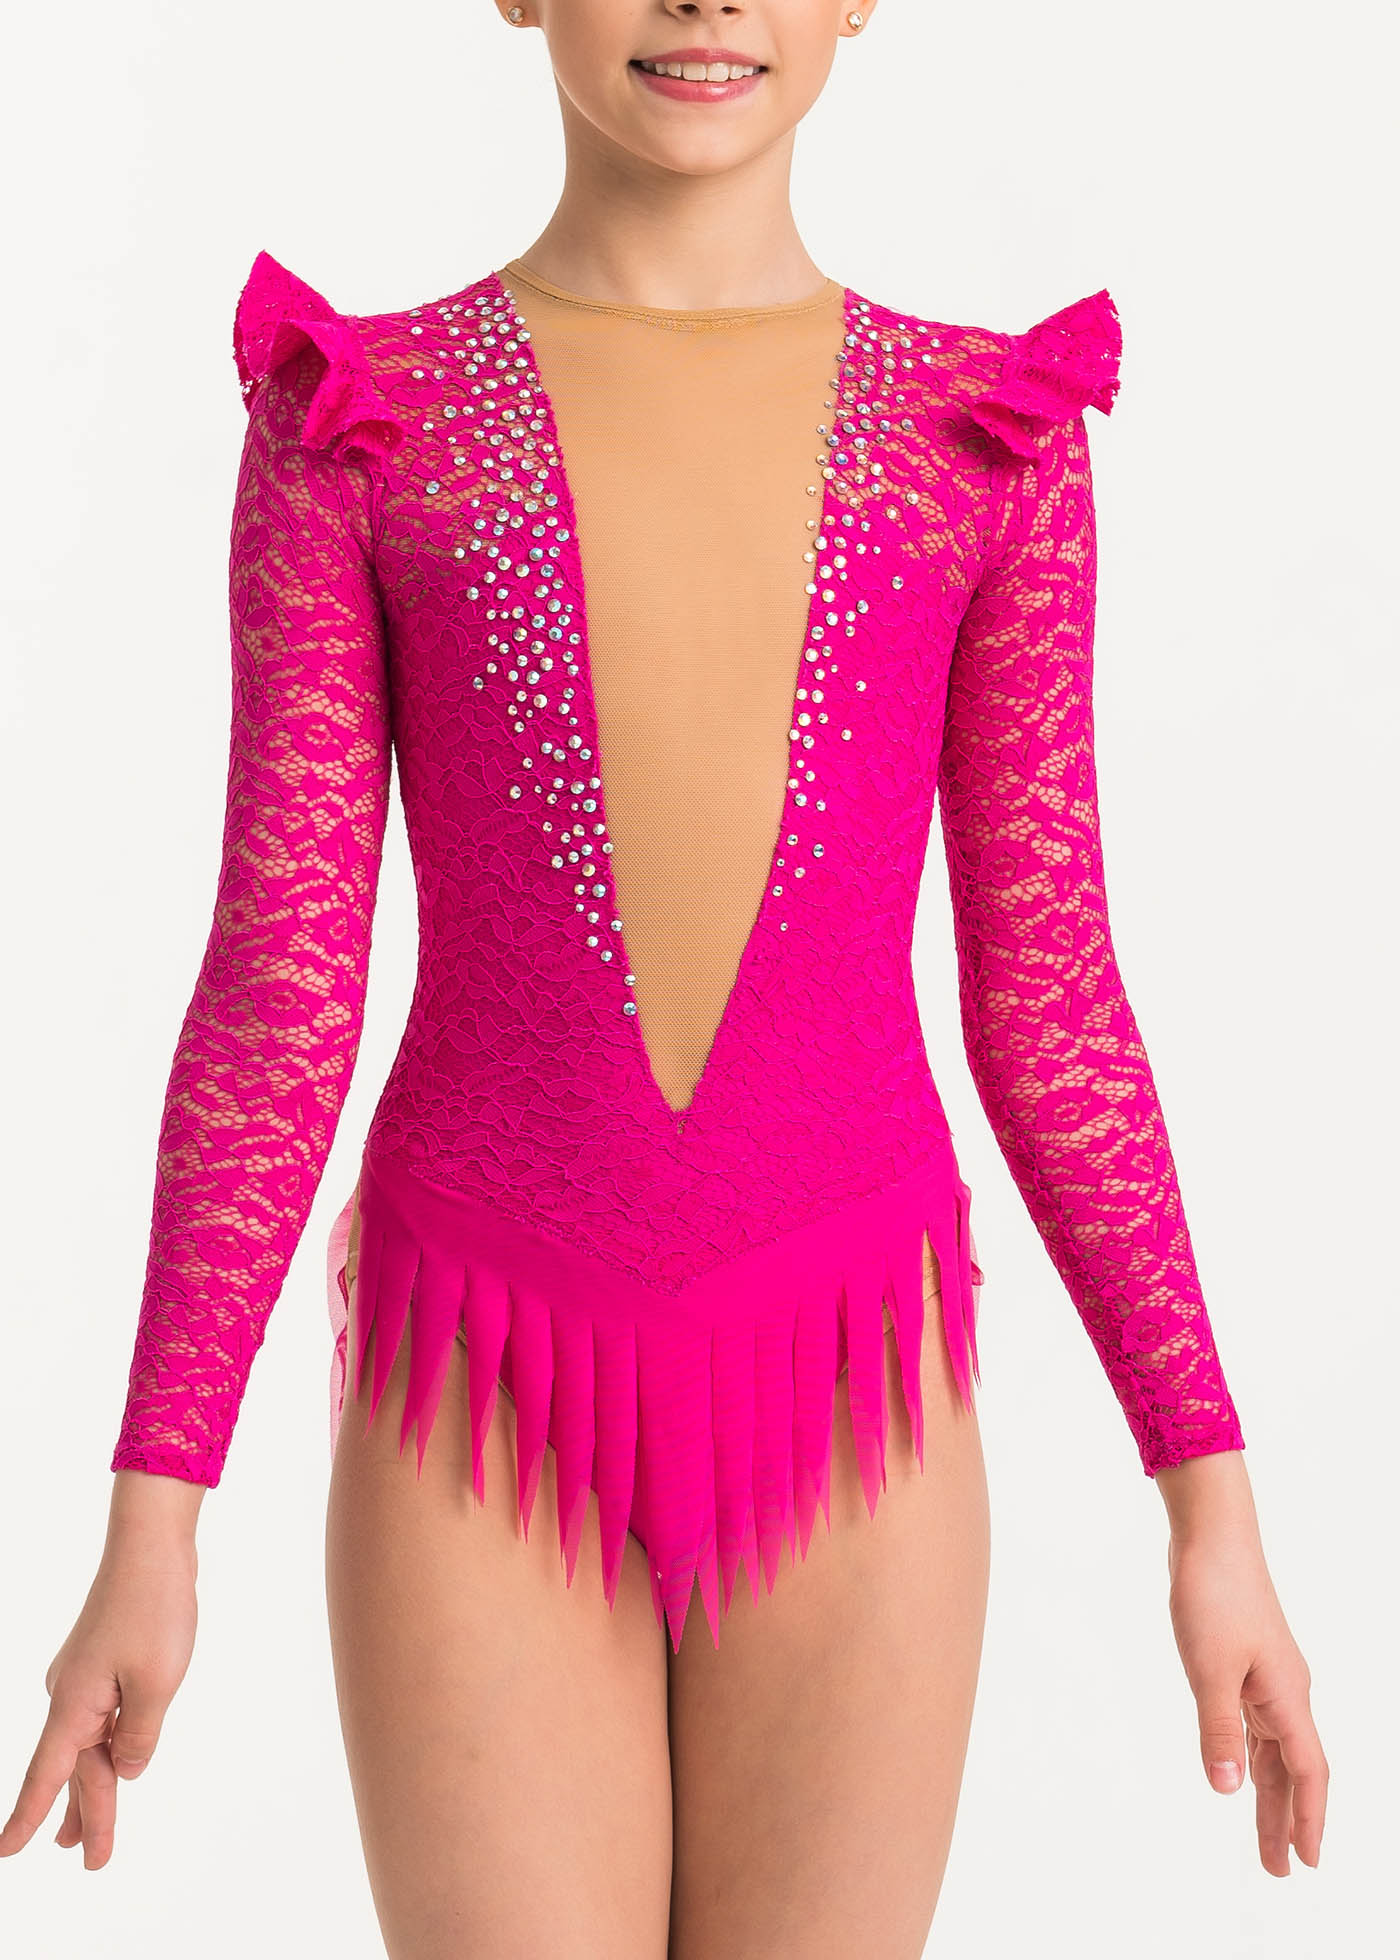 14f6d79eb3abe Готовые купальники для художественной гимнастики — купить недорого в ...